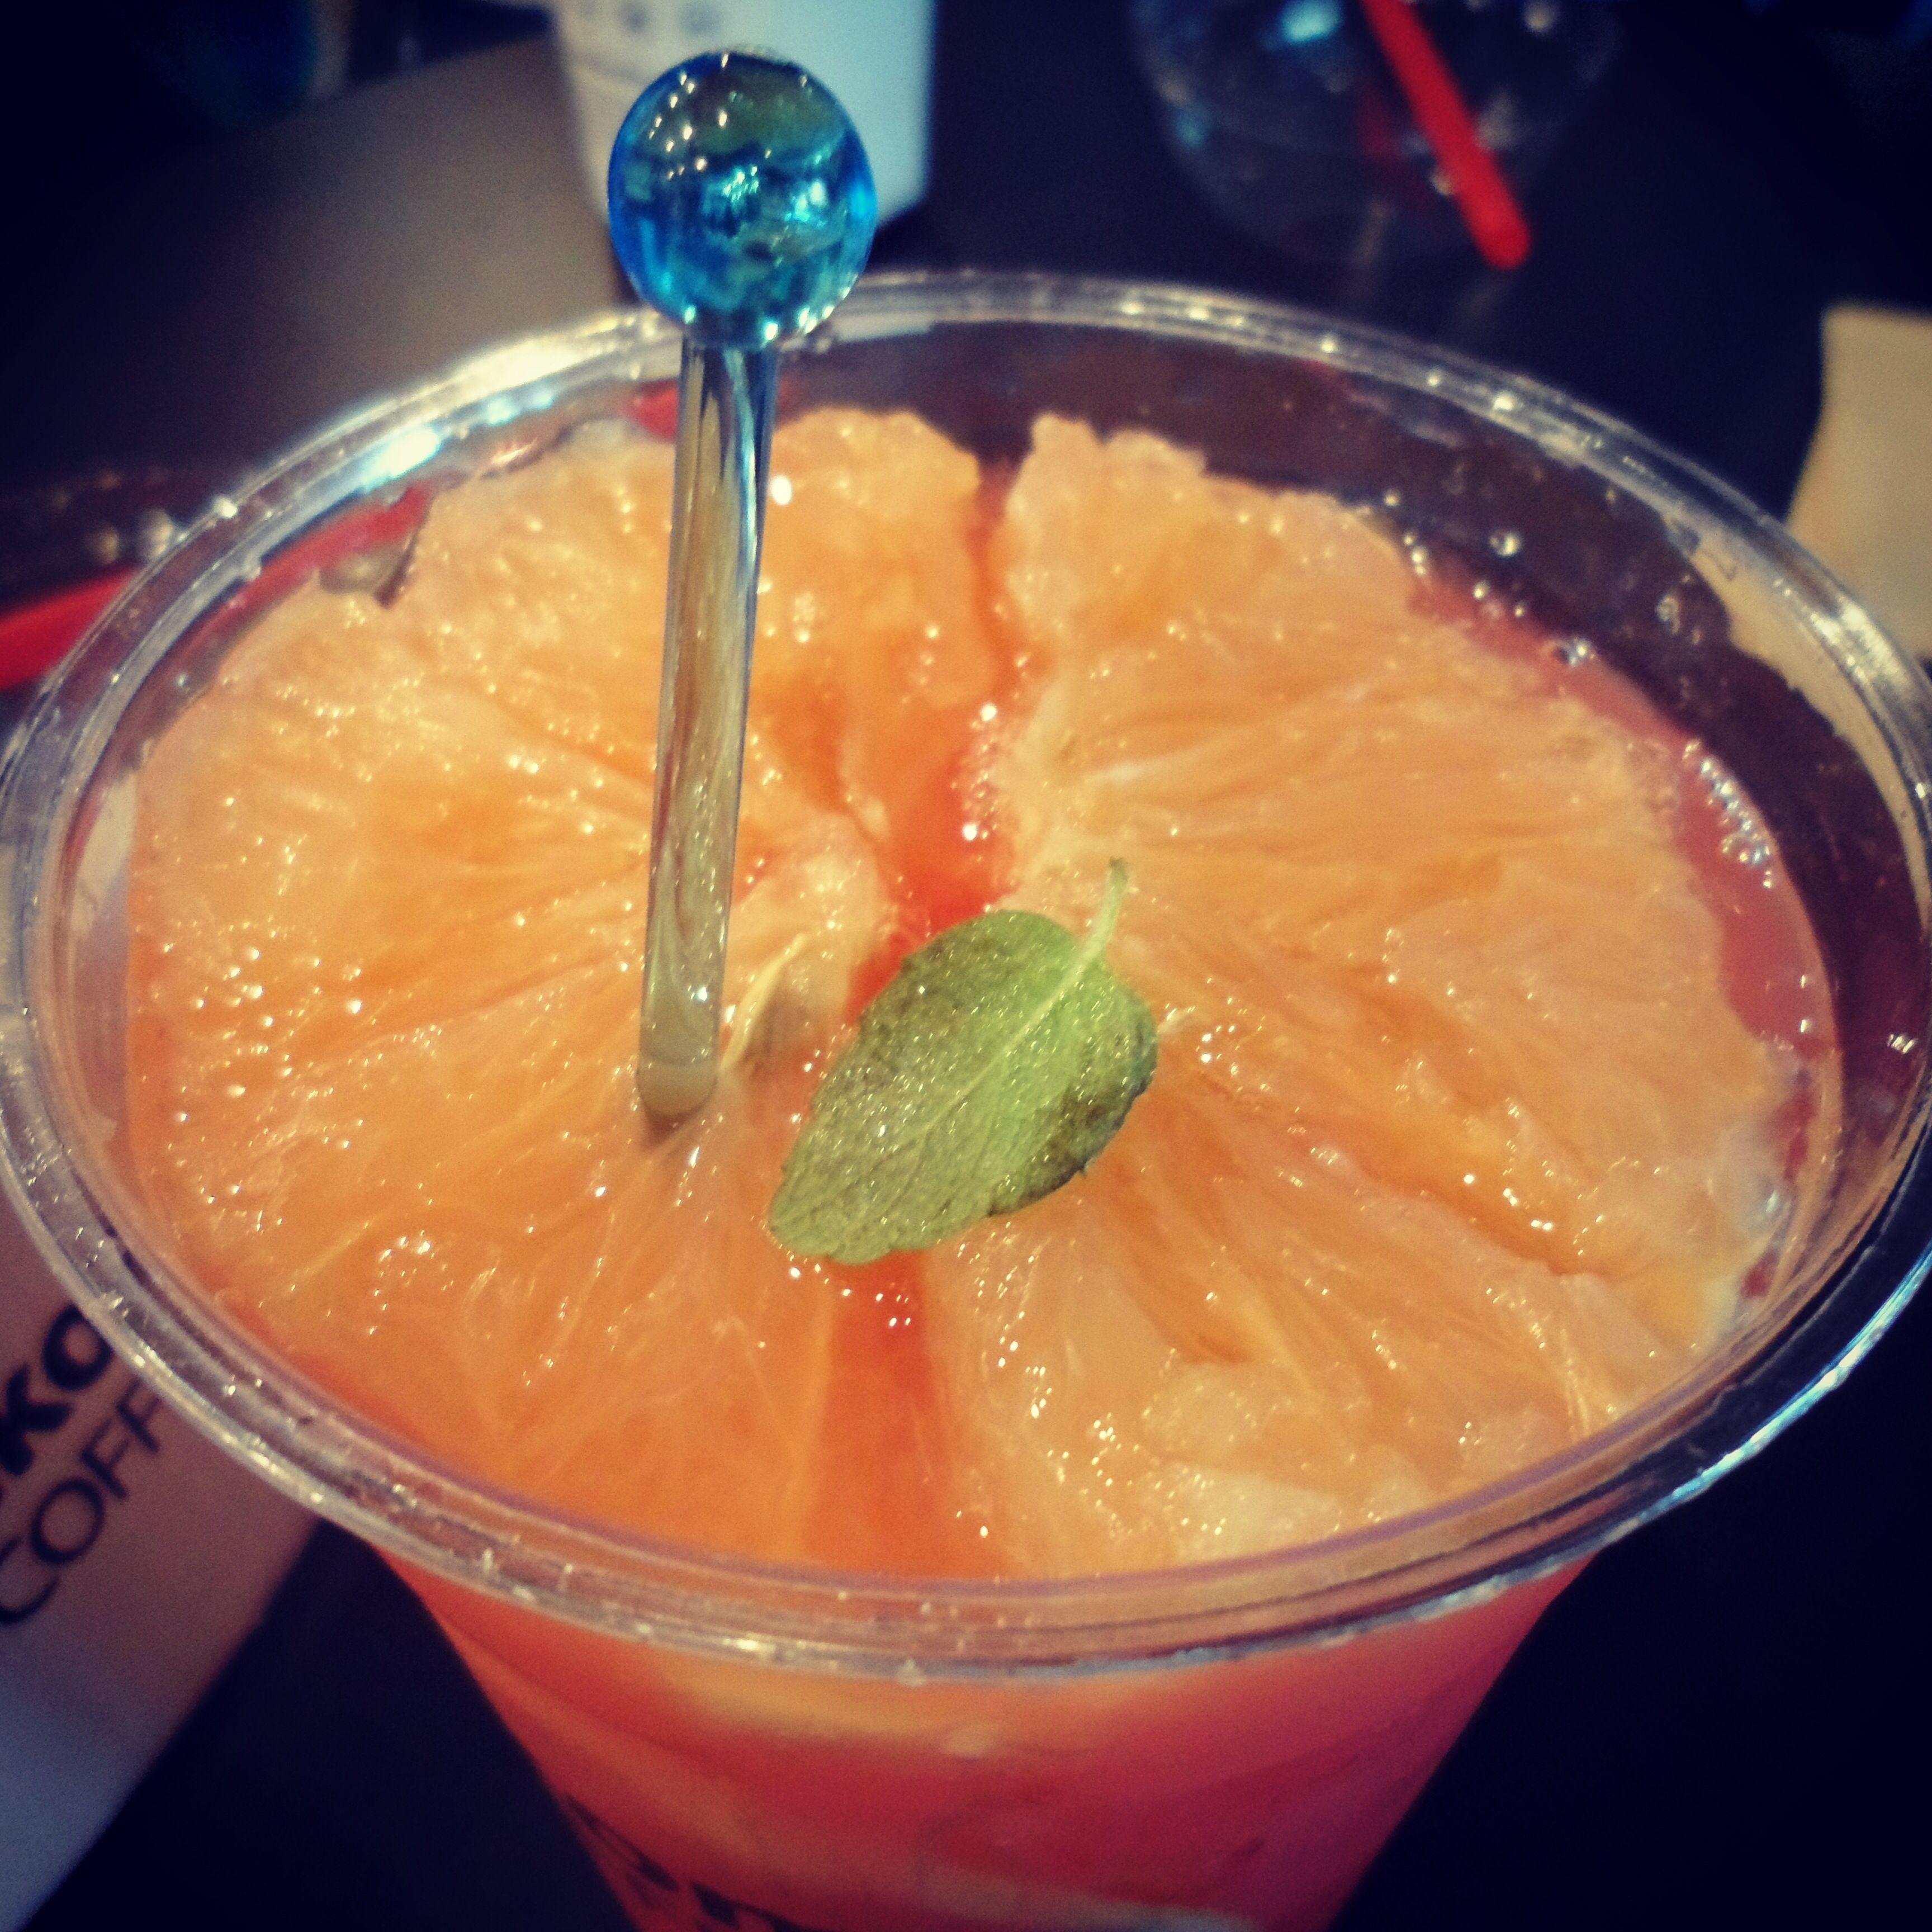 #자몽 #에이드 #달콤 #카페 #Grapefruit #aid #ice #dalkom #cafe